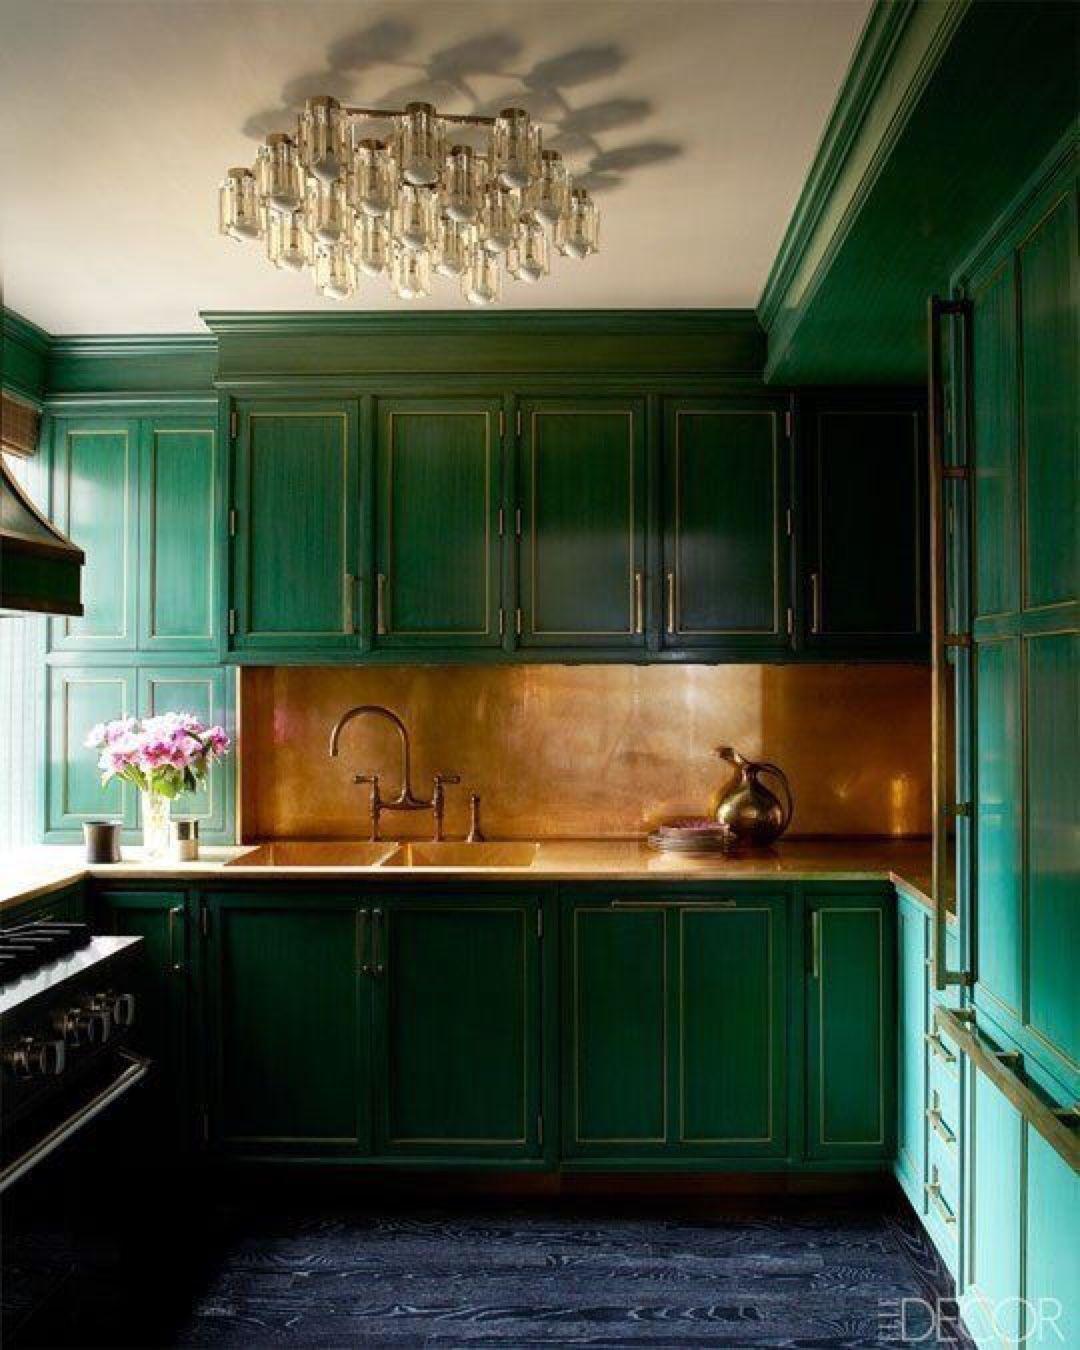 Green Kitchen Cabinets On Pinterest: Midcentury Kitchen Design